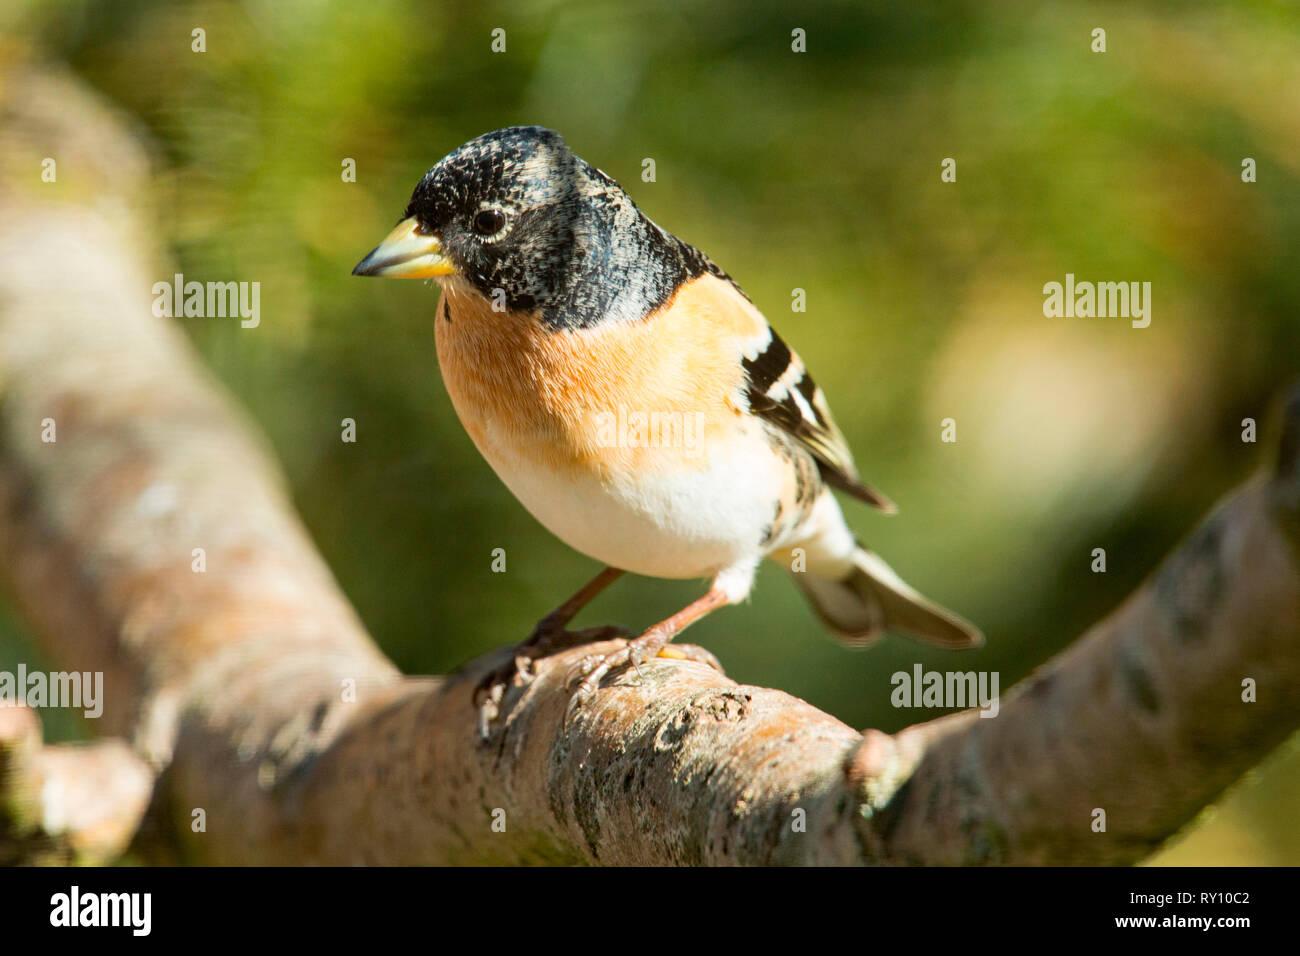 brambling, (Fringilla montifringilla) - Stock Image